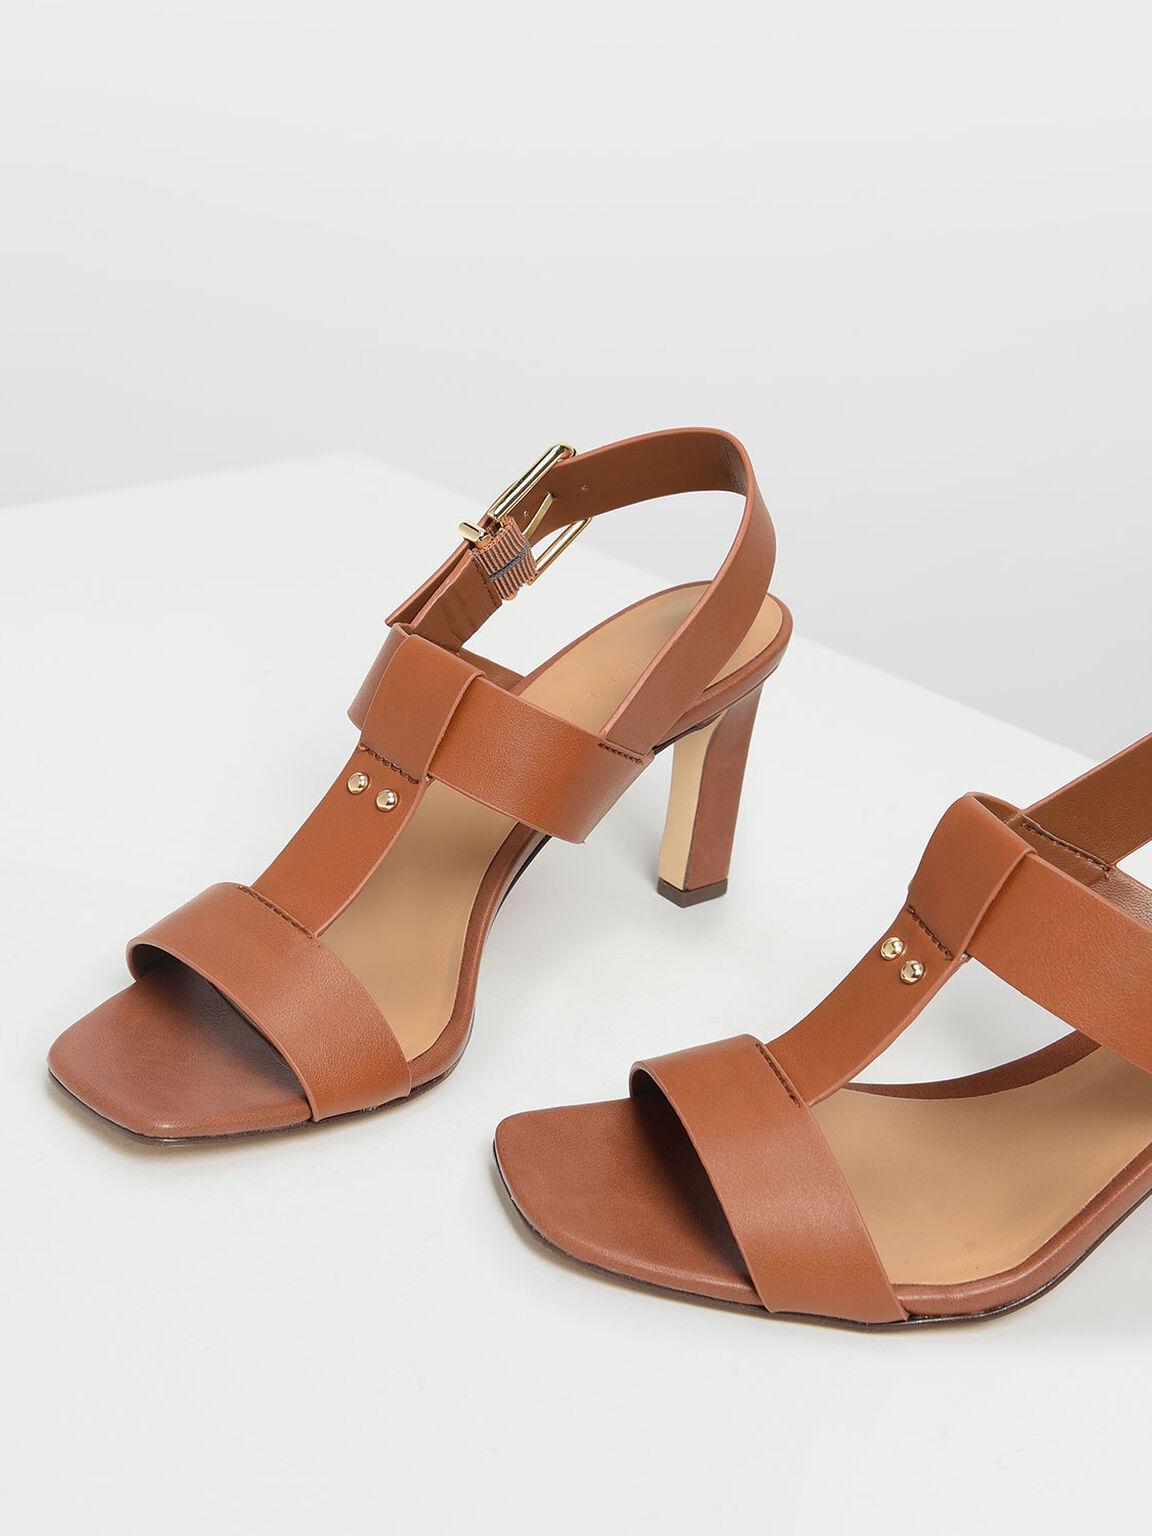 T-Bar Slingback Heels, Brown, hi-res